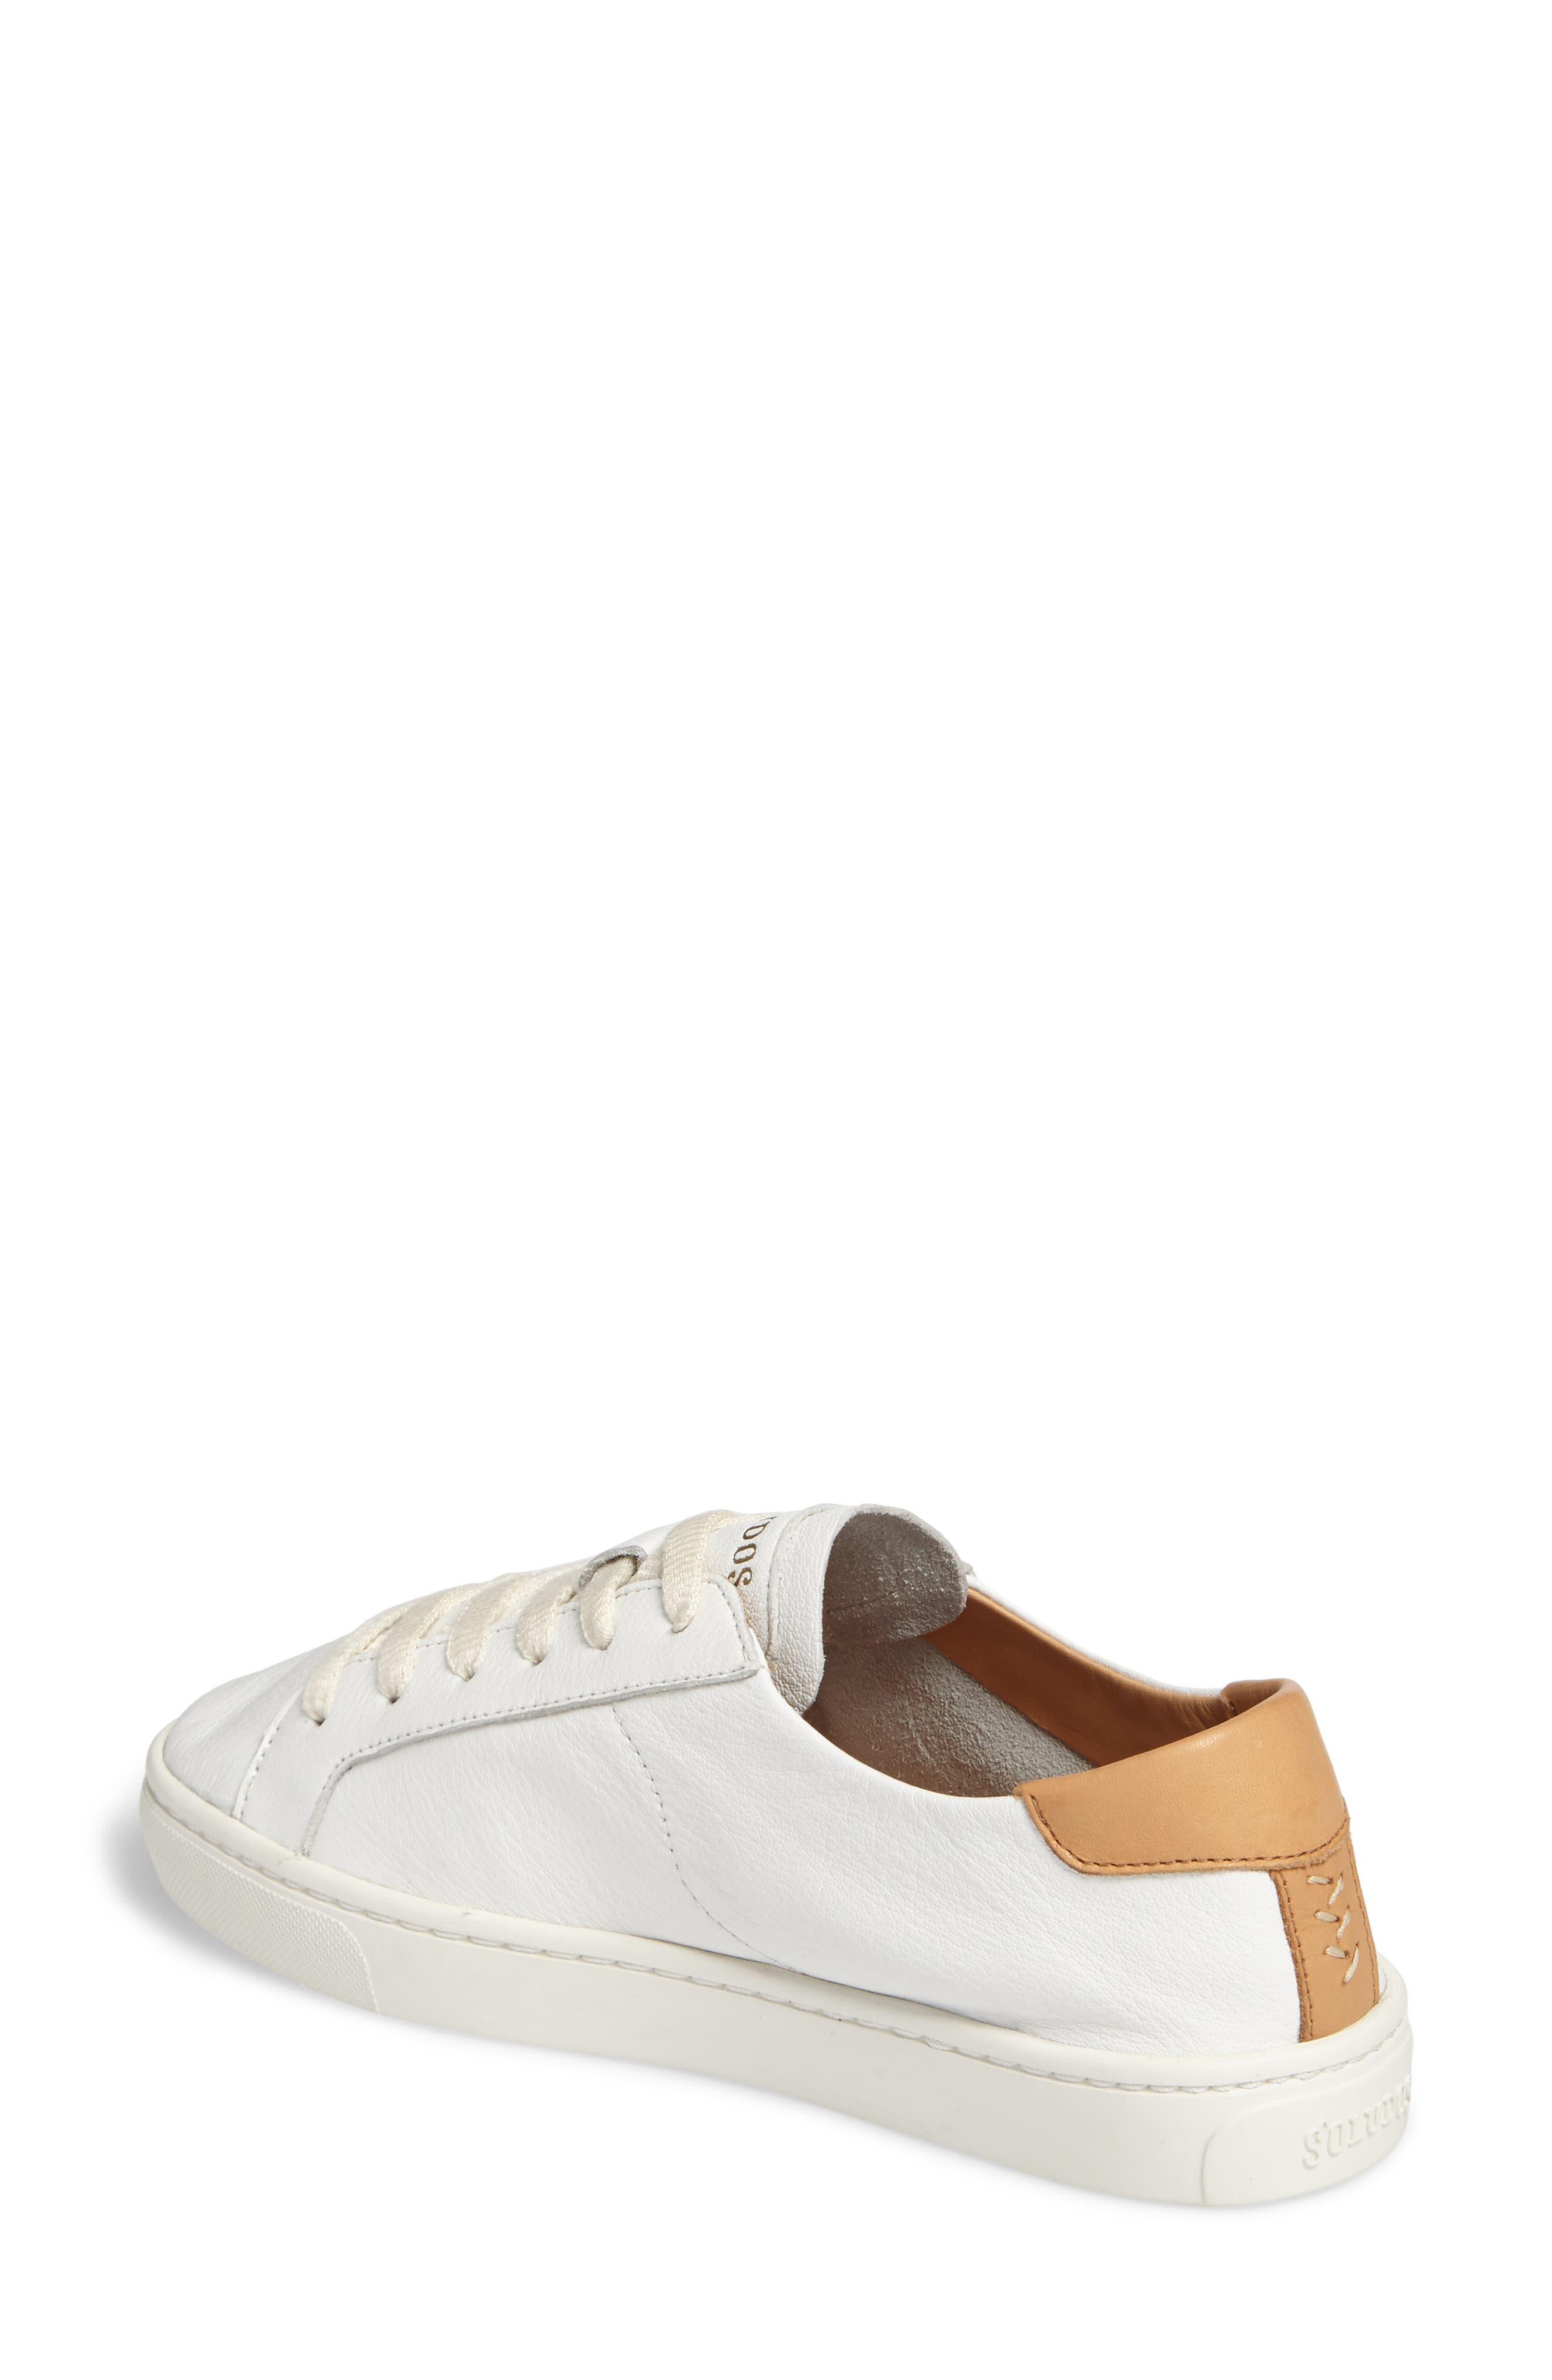 Ibiza Sneaker,                             Alternate thumbnail 2, color,                             White